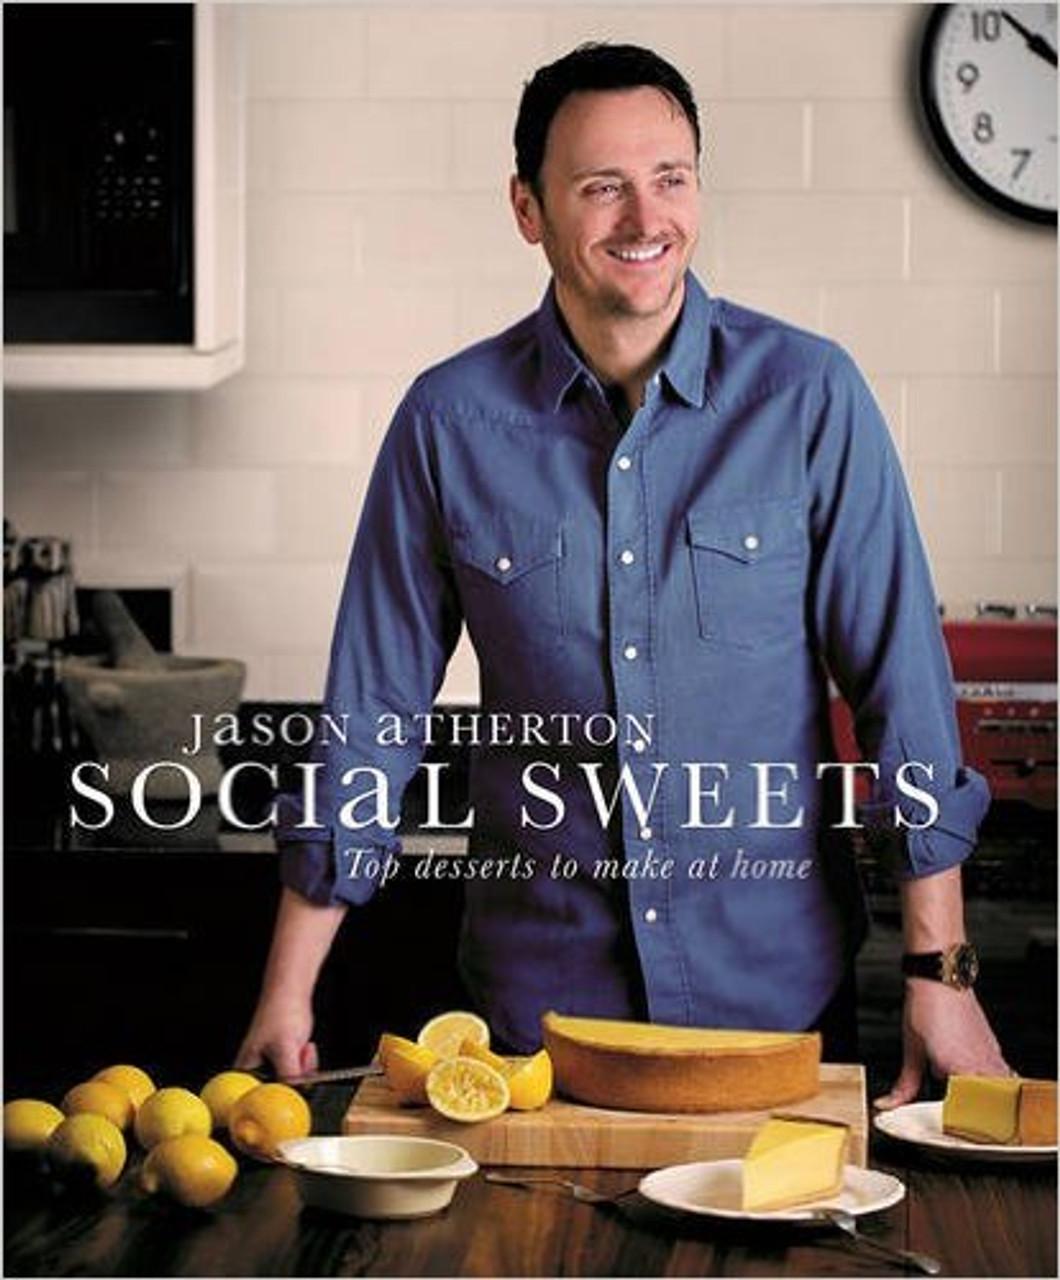 Jason Atherton - Social Sweets